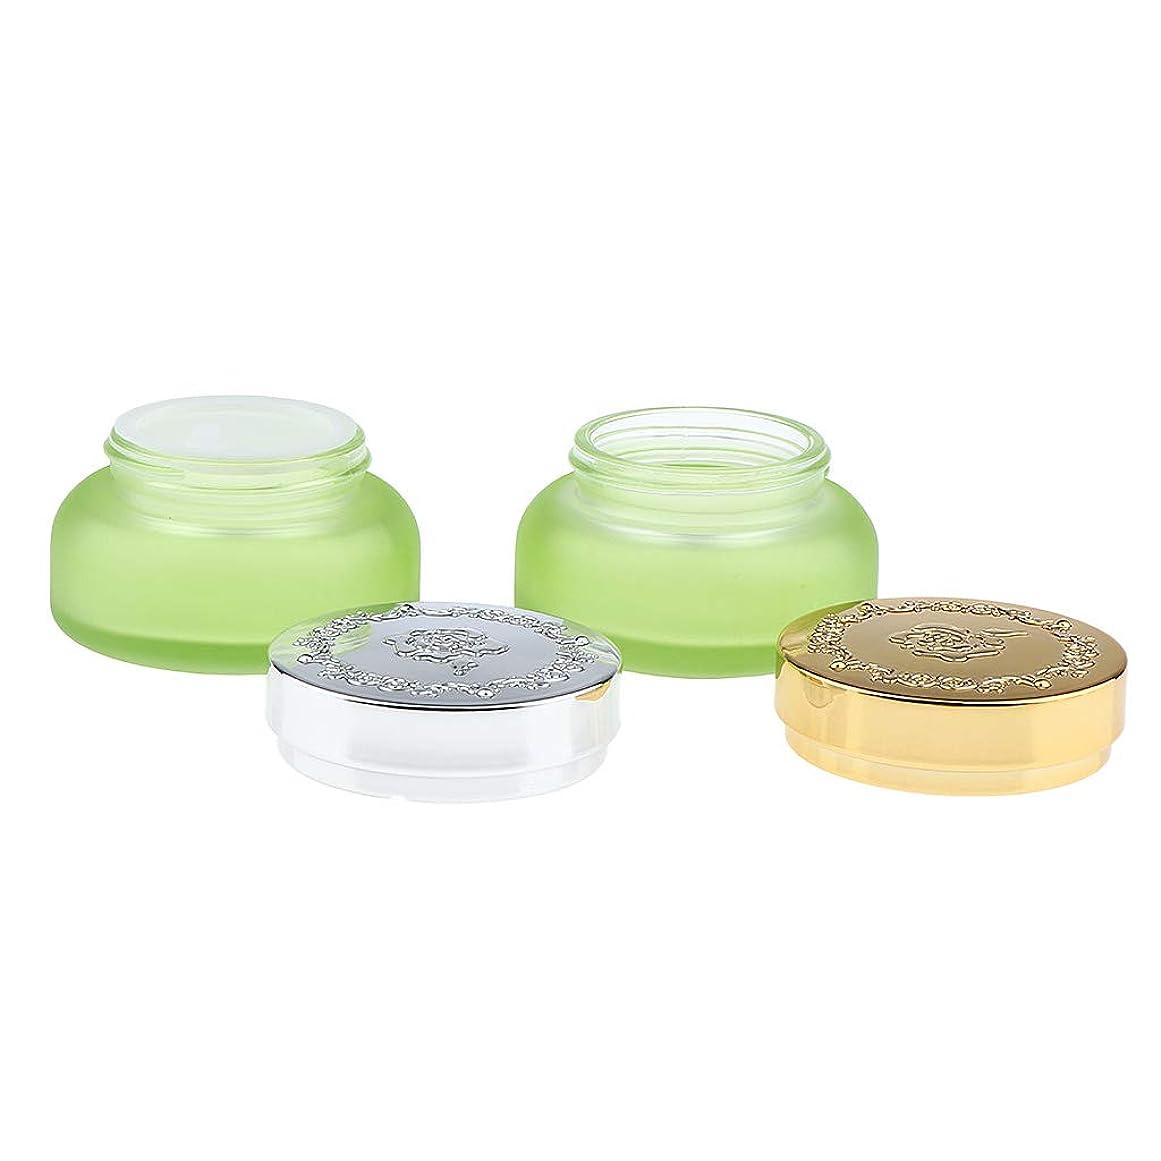 シーサイド小さい頭蓋骨B Baosity 2個 フェイスクリーム 化粧品容器 ボトル ジャー ポット ポータブル 3タイプ選べ - 30gライトグリーン